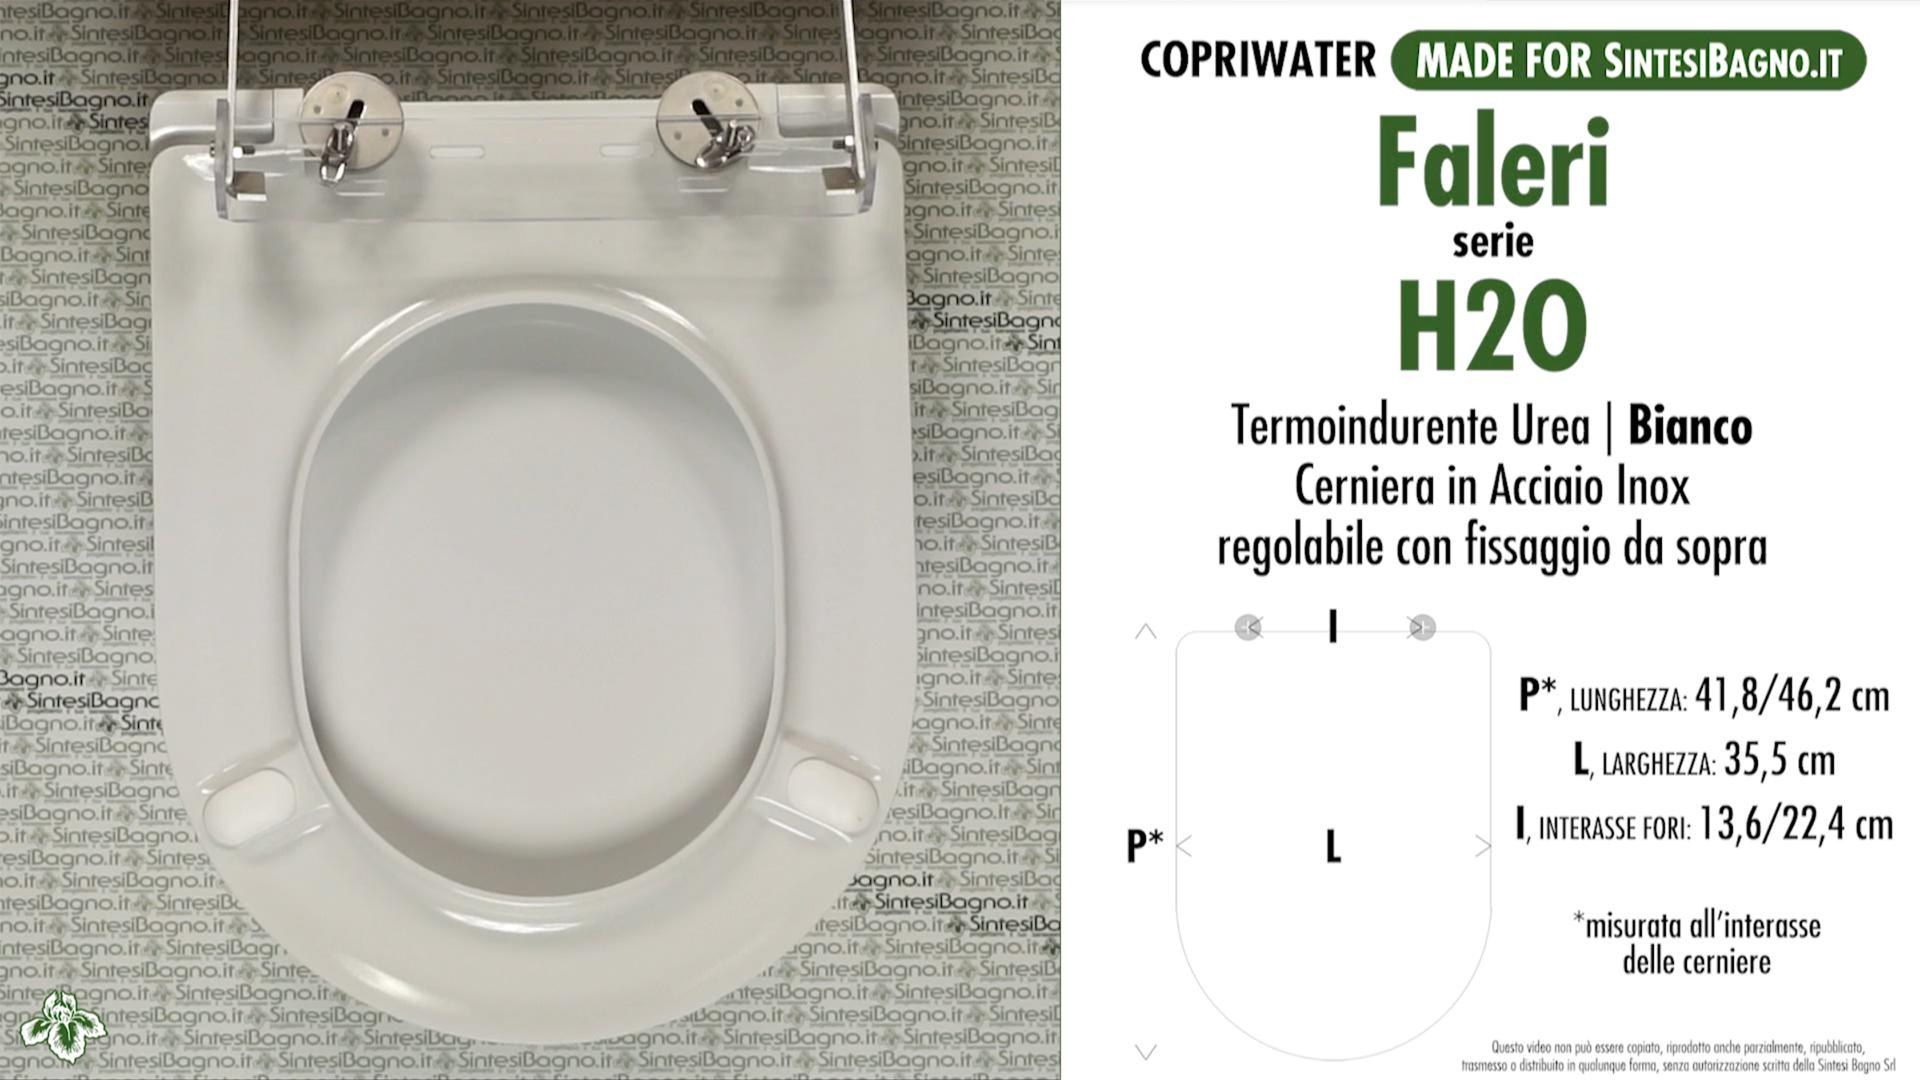 SCHEDA TECNICA MISURE copriwater FALERI H2O